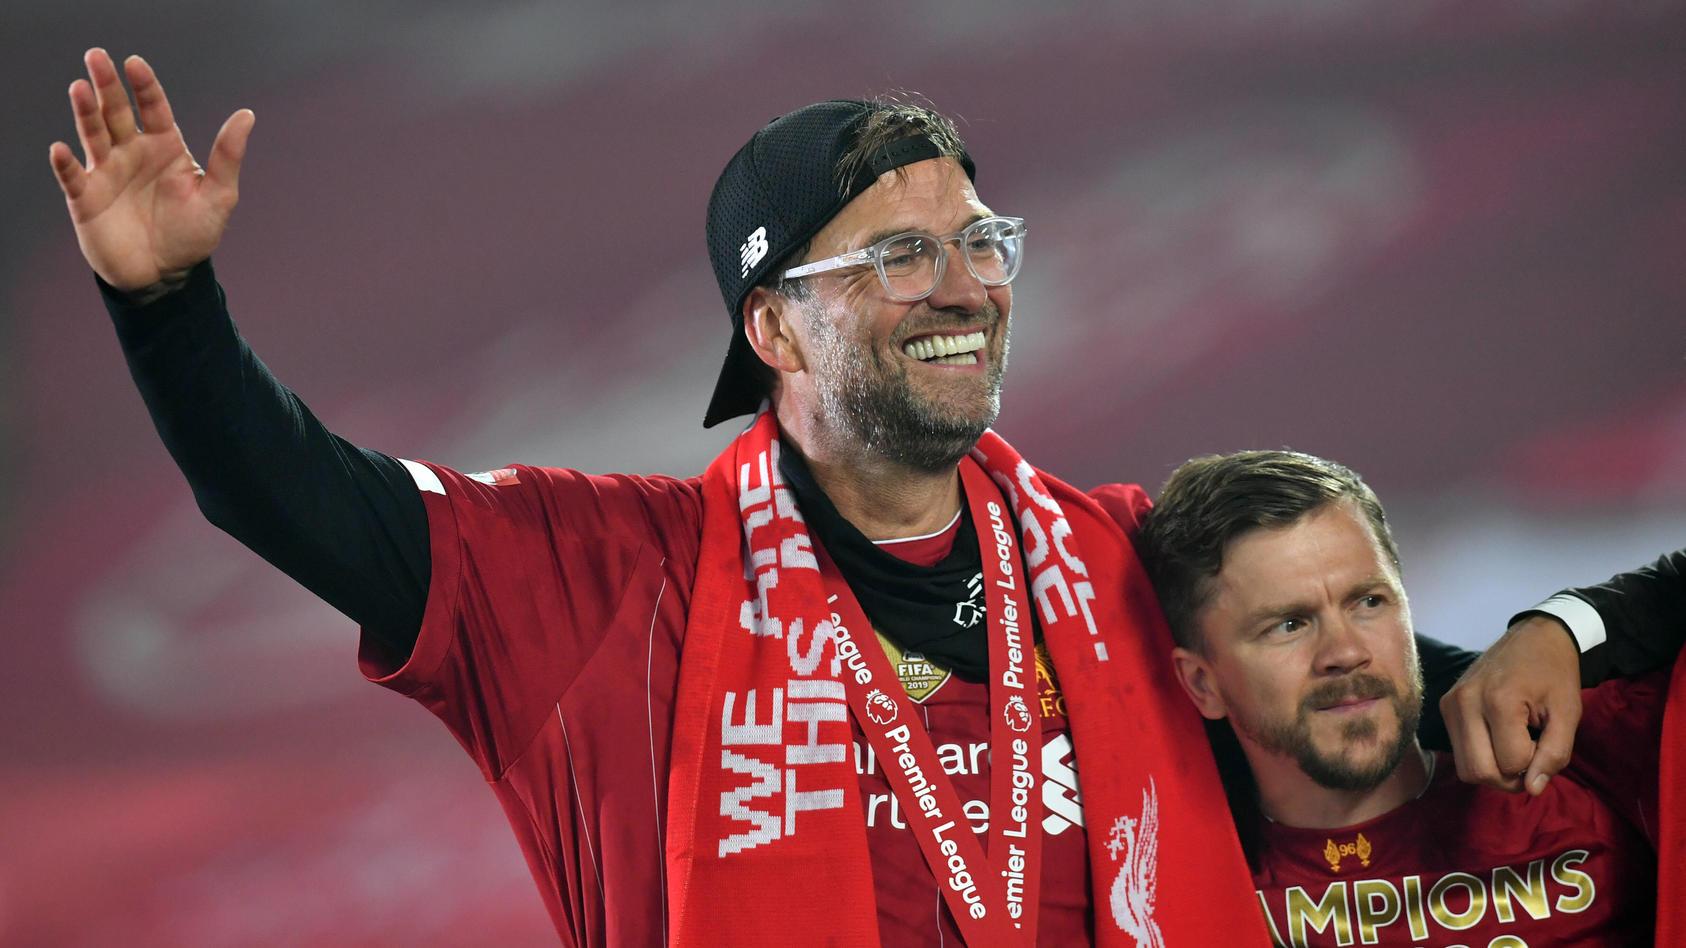 Jürgen Klopp feiert mit seiner Mannschaft die Meisterschaft in der Premier League.